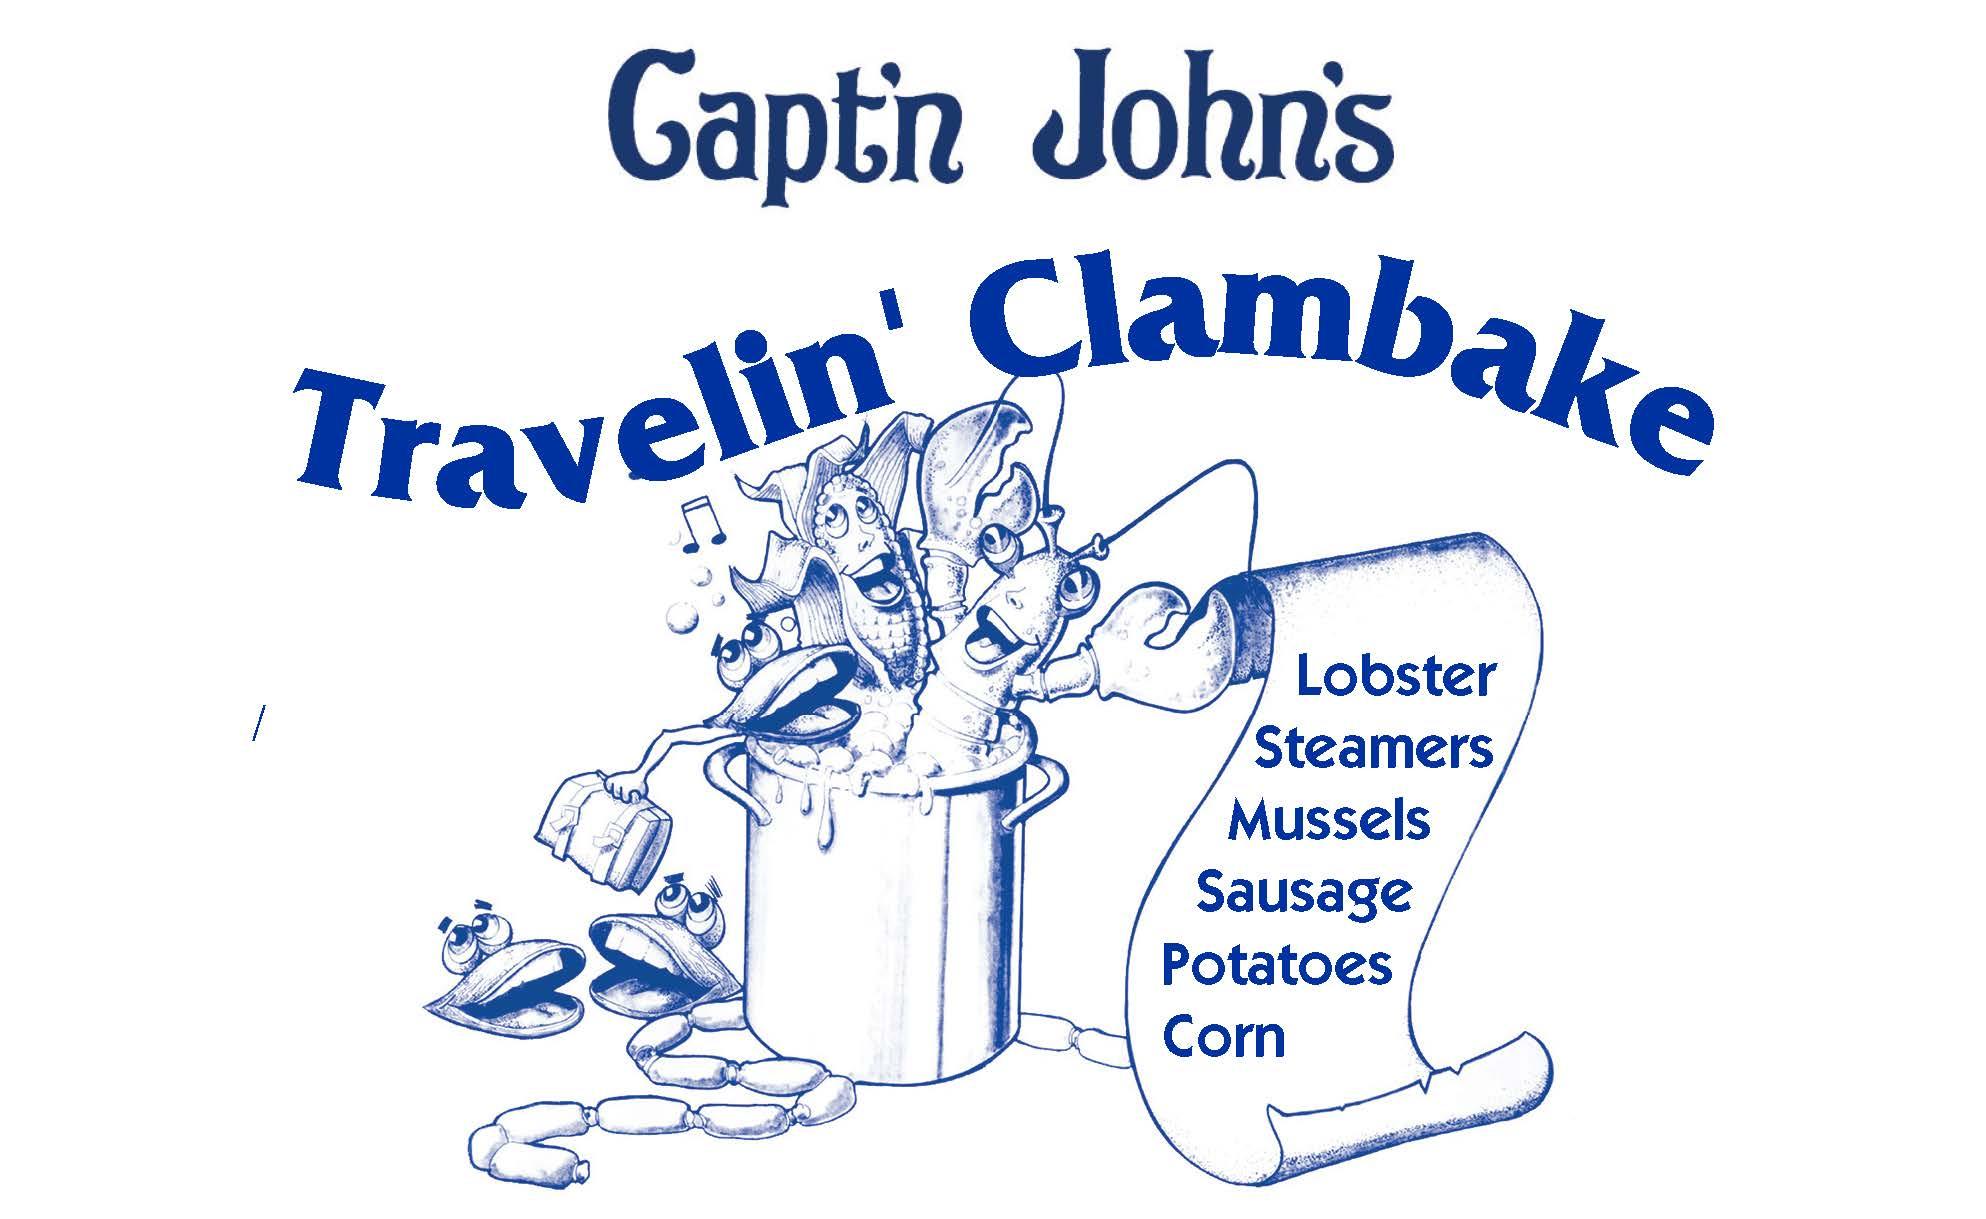 Captain John's logo